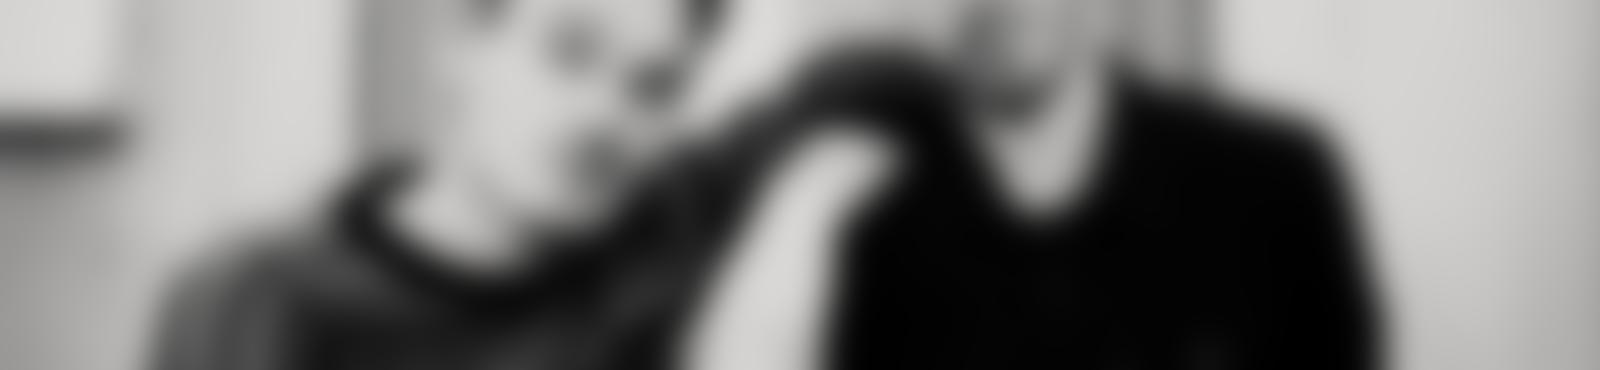 Blurred a787c708 4130 49de 9e14 b5512d2280f6